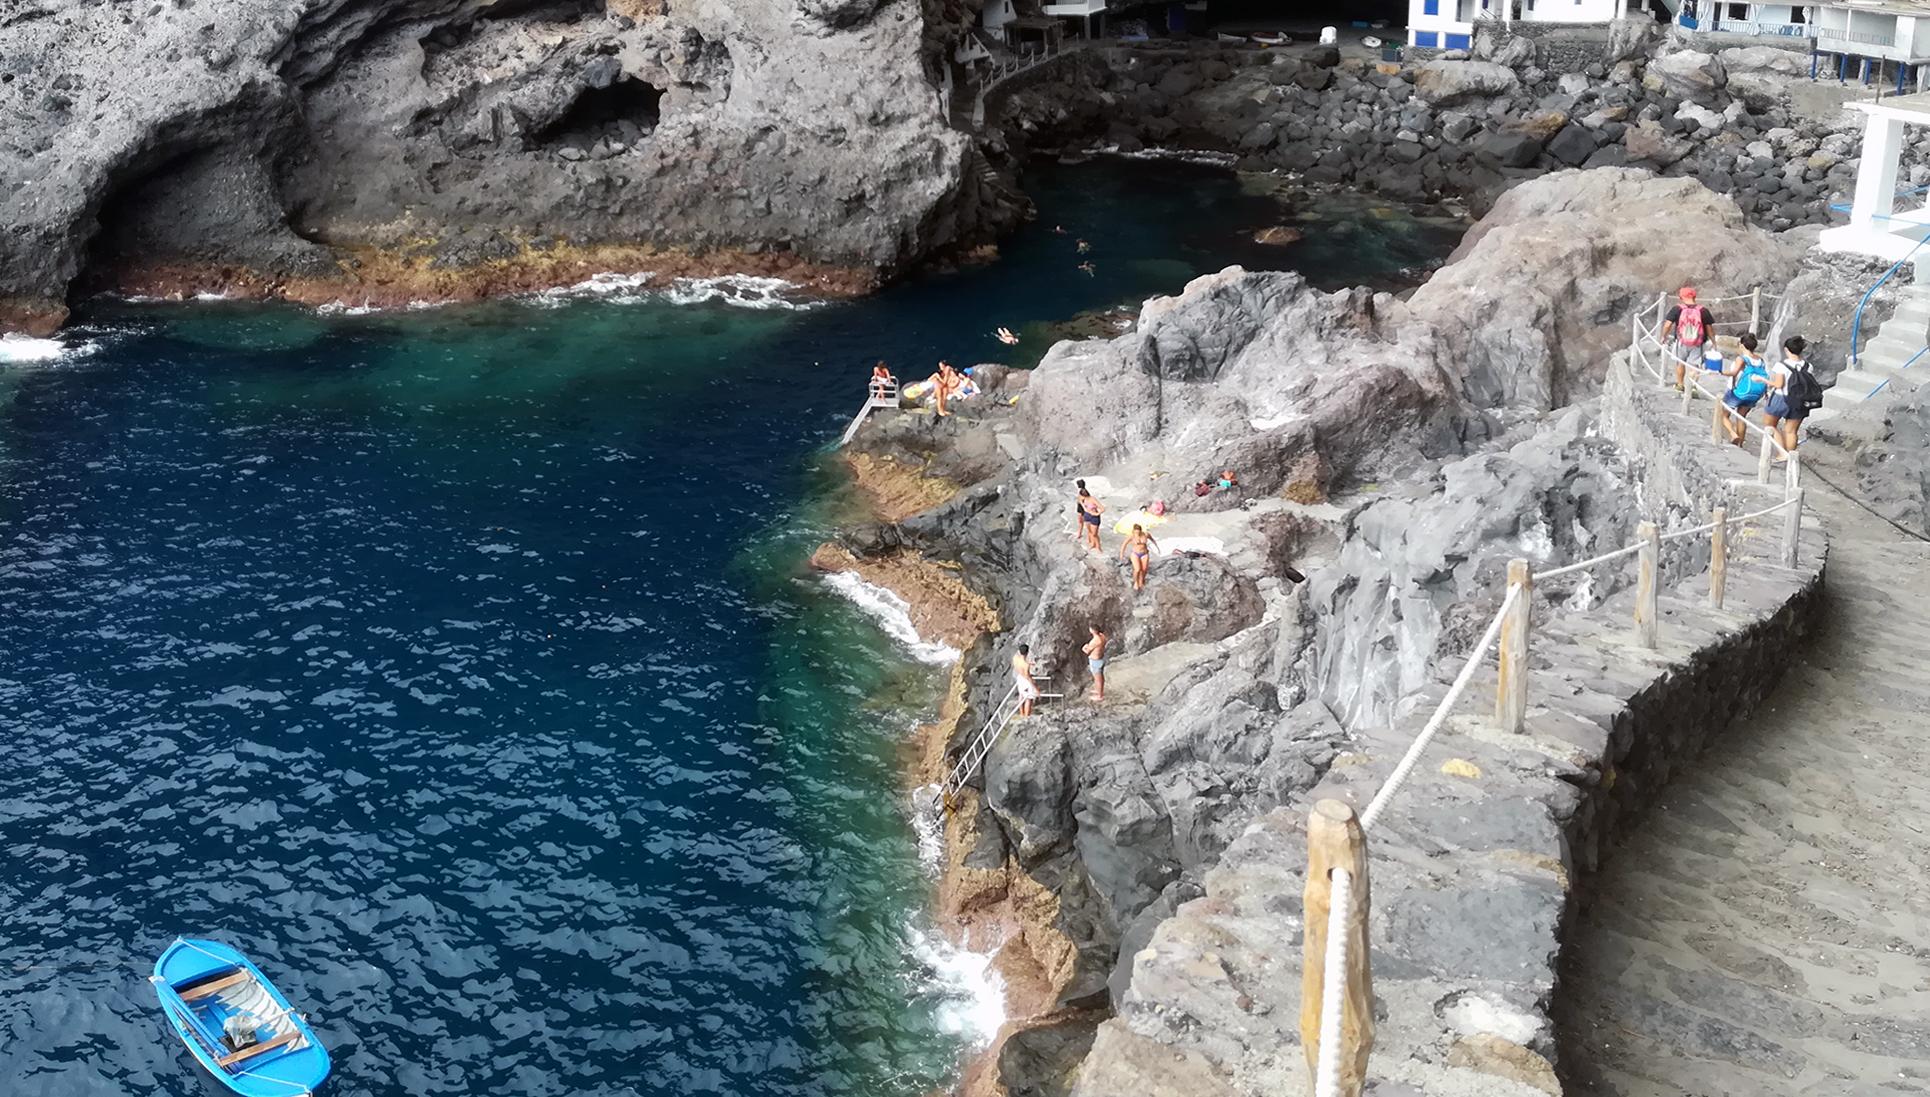 La cueva de Candelaria o proìs de Tijarafe: un pueblo en una cueva